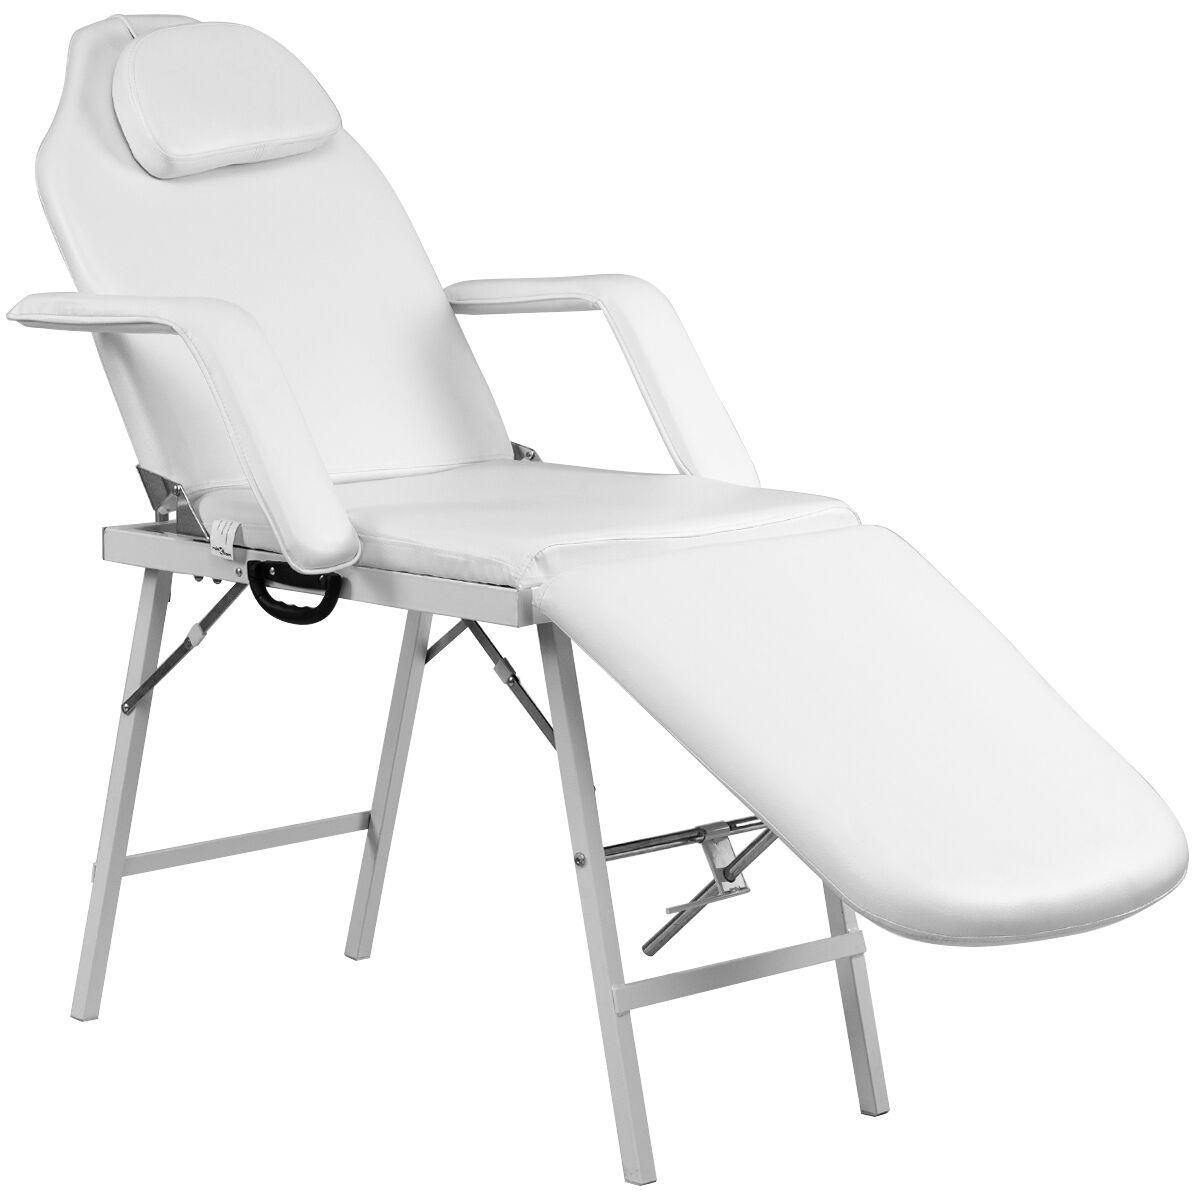 Costway Table de Massage Pliante 3 Zones Lit de Massage Cosmétique Portable en Métal 182x77 5CM Blanc